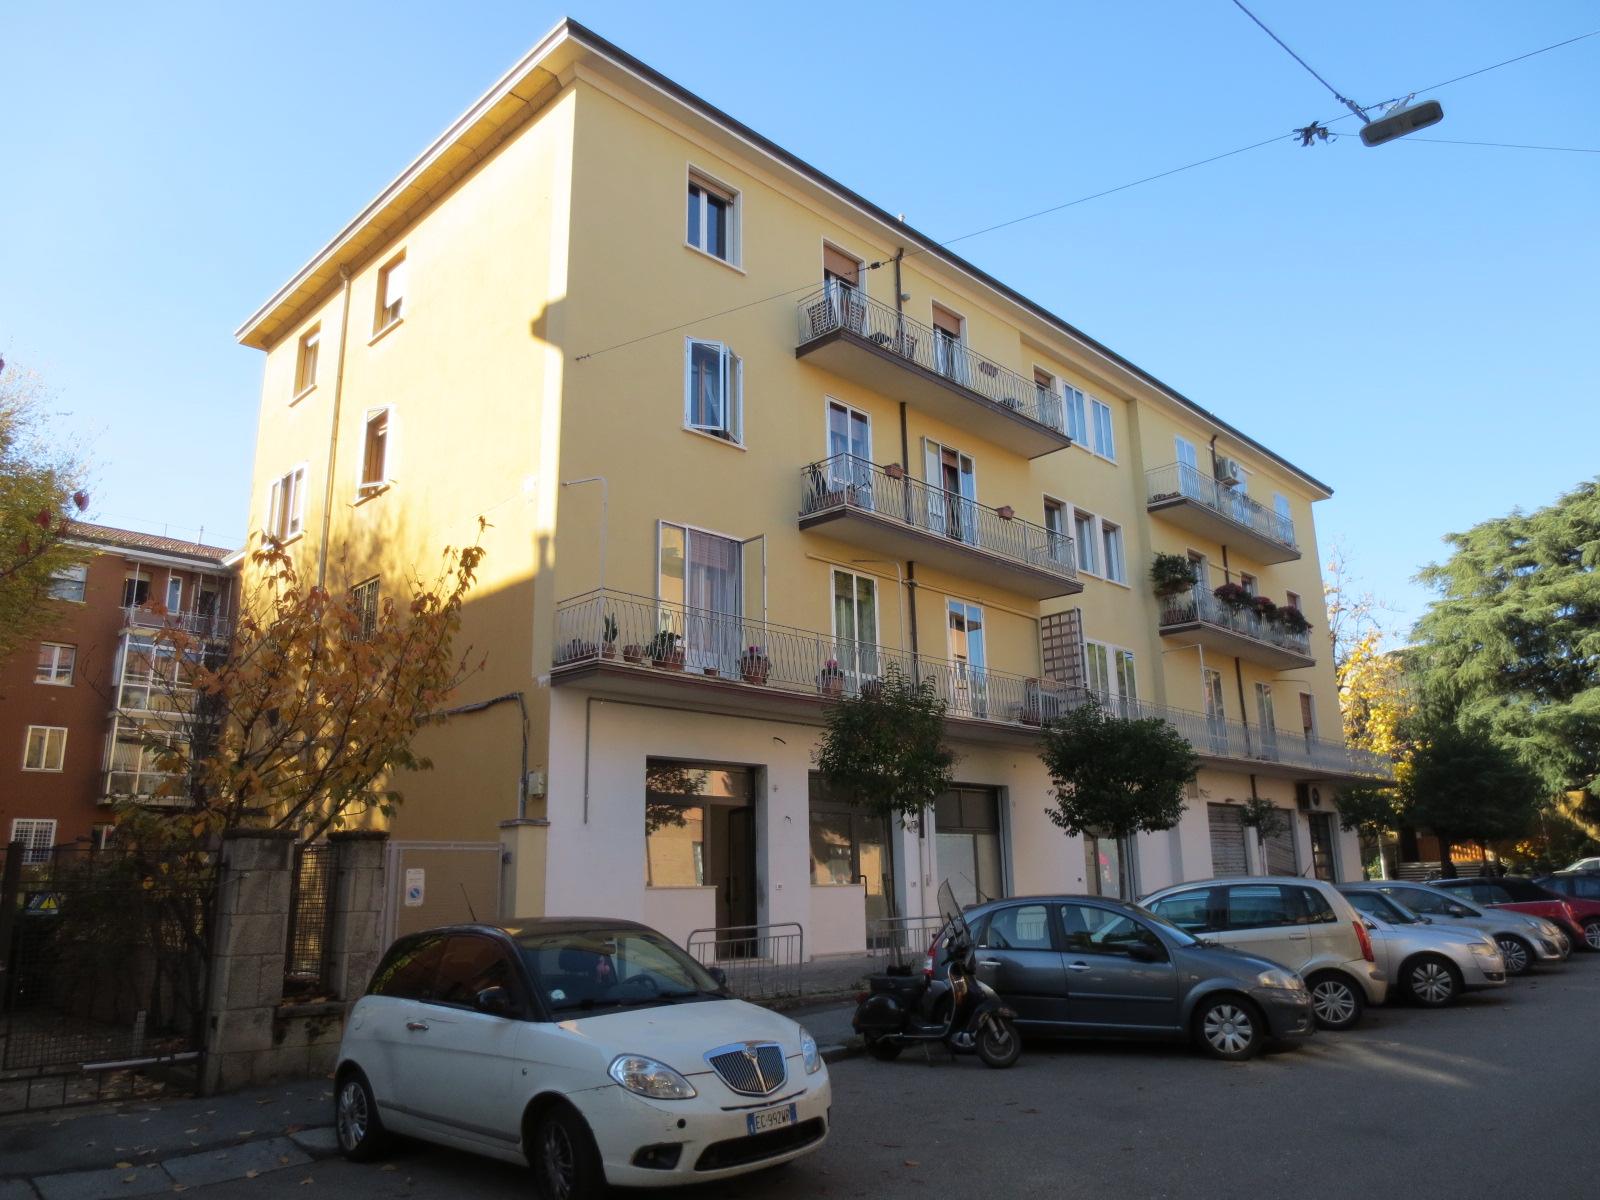 Vendita appartamento 103 mq. ad.ze Siepelunga Via Caruso